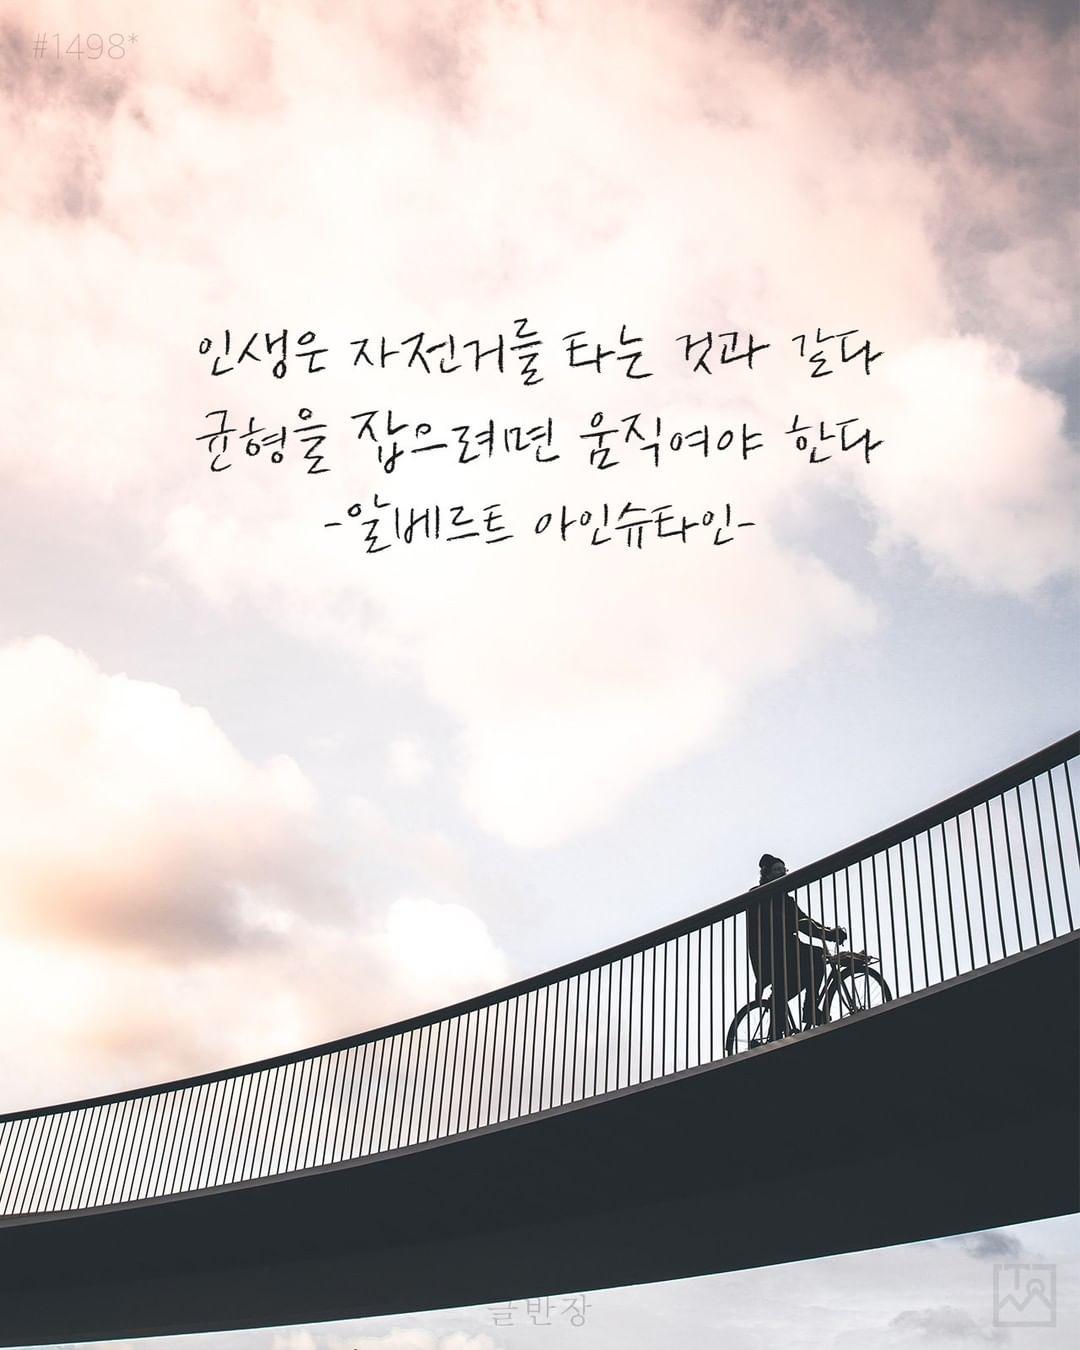 인생은 자전거를 타는 것과 같다 - 알베르트 아인슈타인(Albert Einstein)